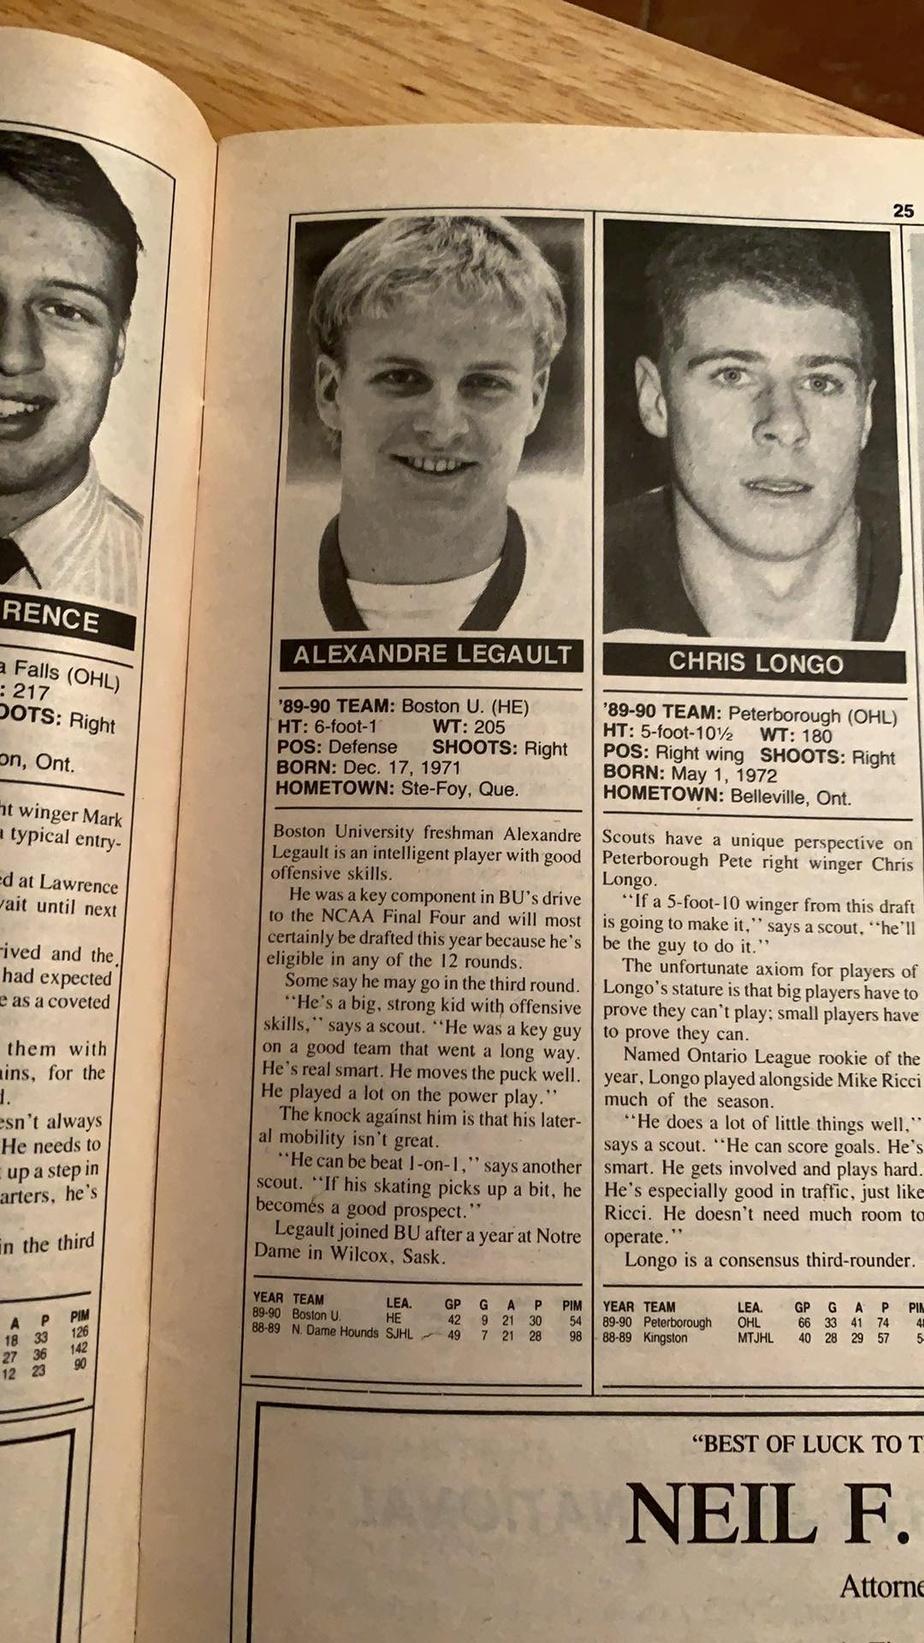 Le portrait de joueur d'Alexandre Legault publié dans l'édition spéciale du repêchage de 1990 du magazine The Hockey News